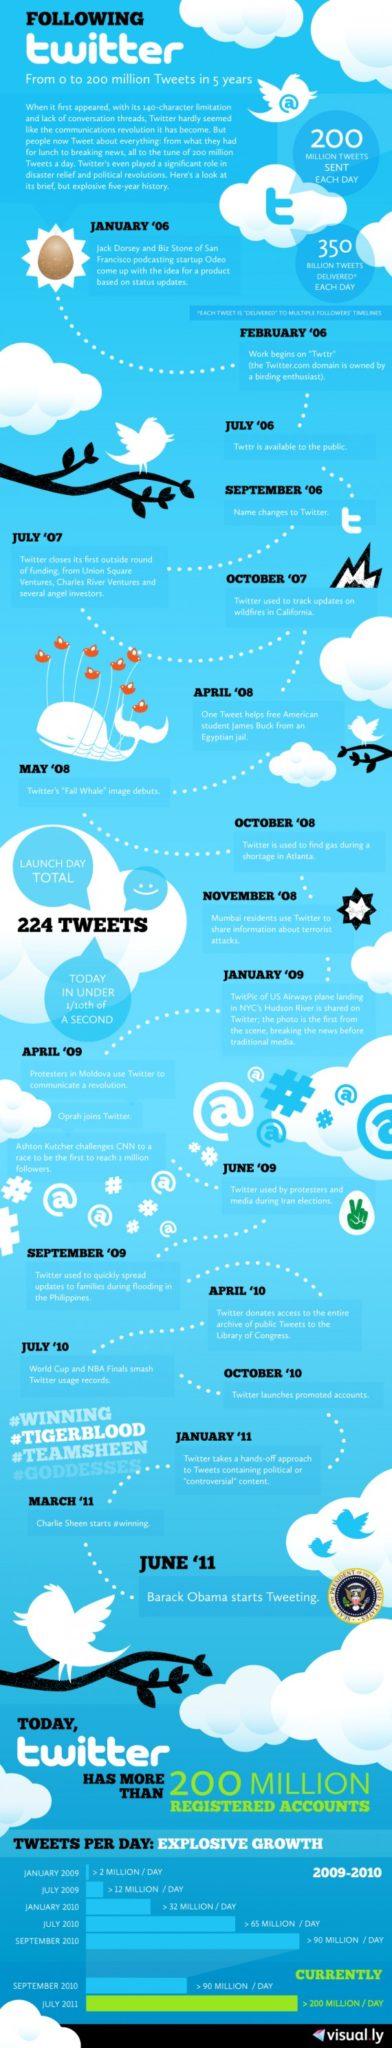 Infographie : Célébration des 5 ans de Twitter, passant de 0 à 200 millions de tweets quotidiennement